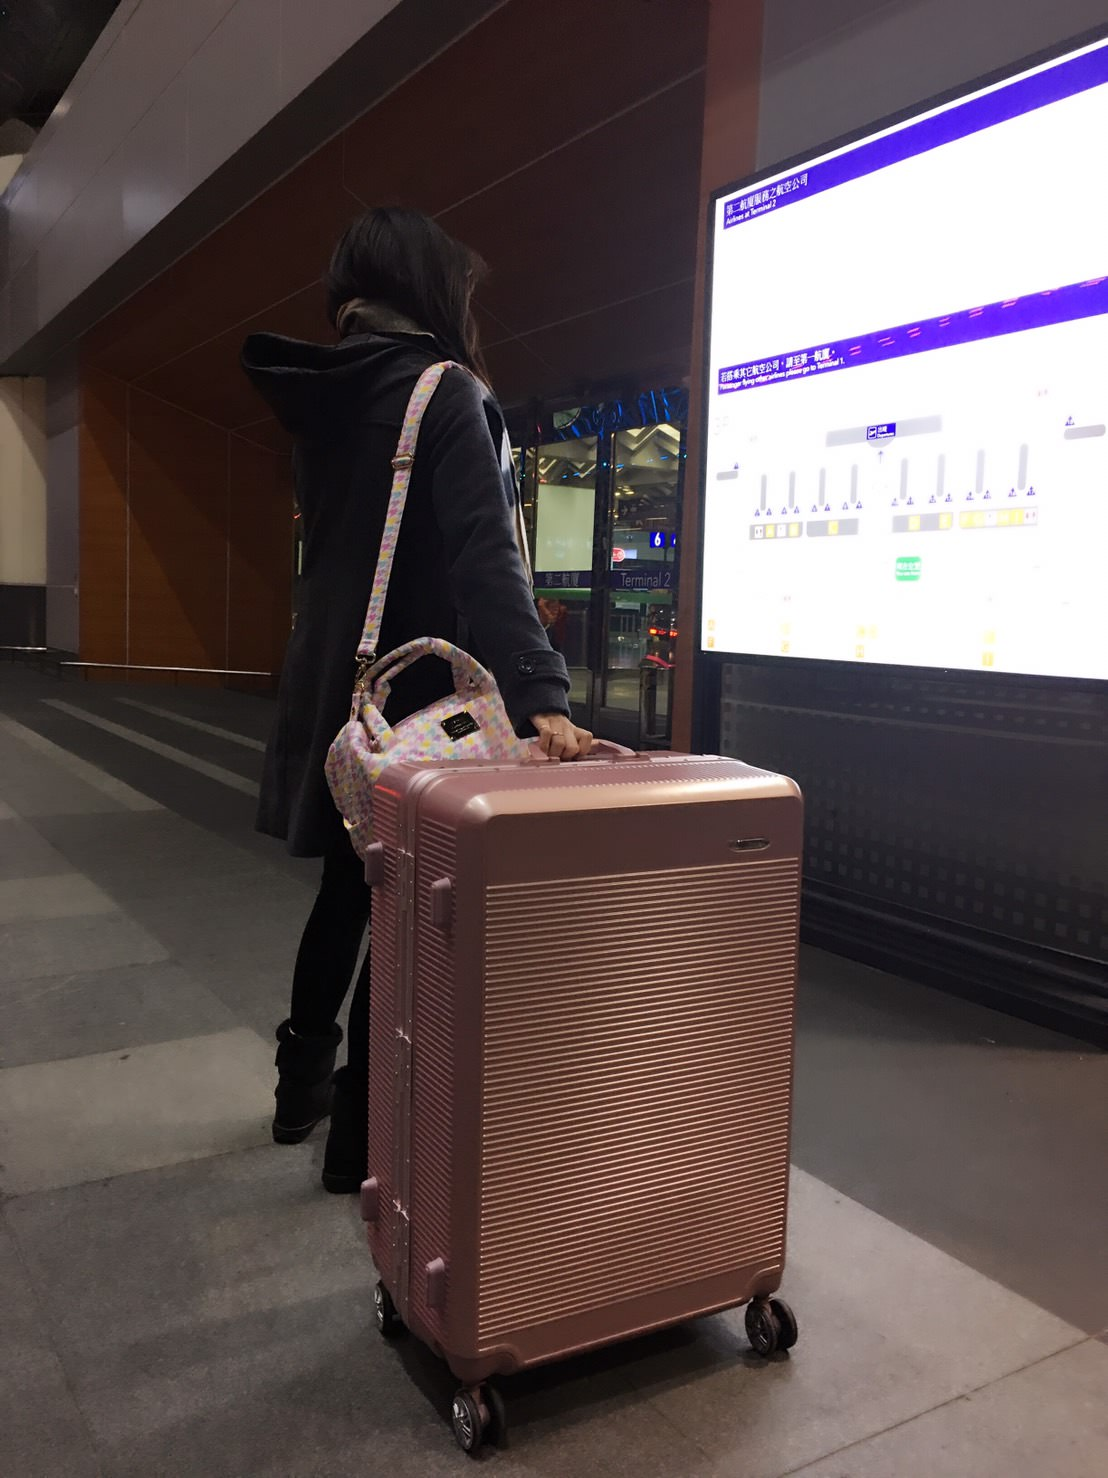 『特惠團』行李箱也要兼具時尚的美麗-百貨品ELLE 花苑盛典系列